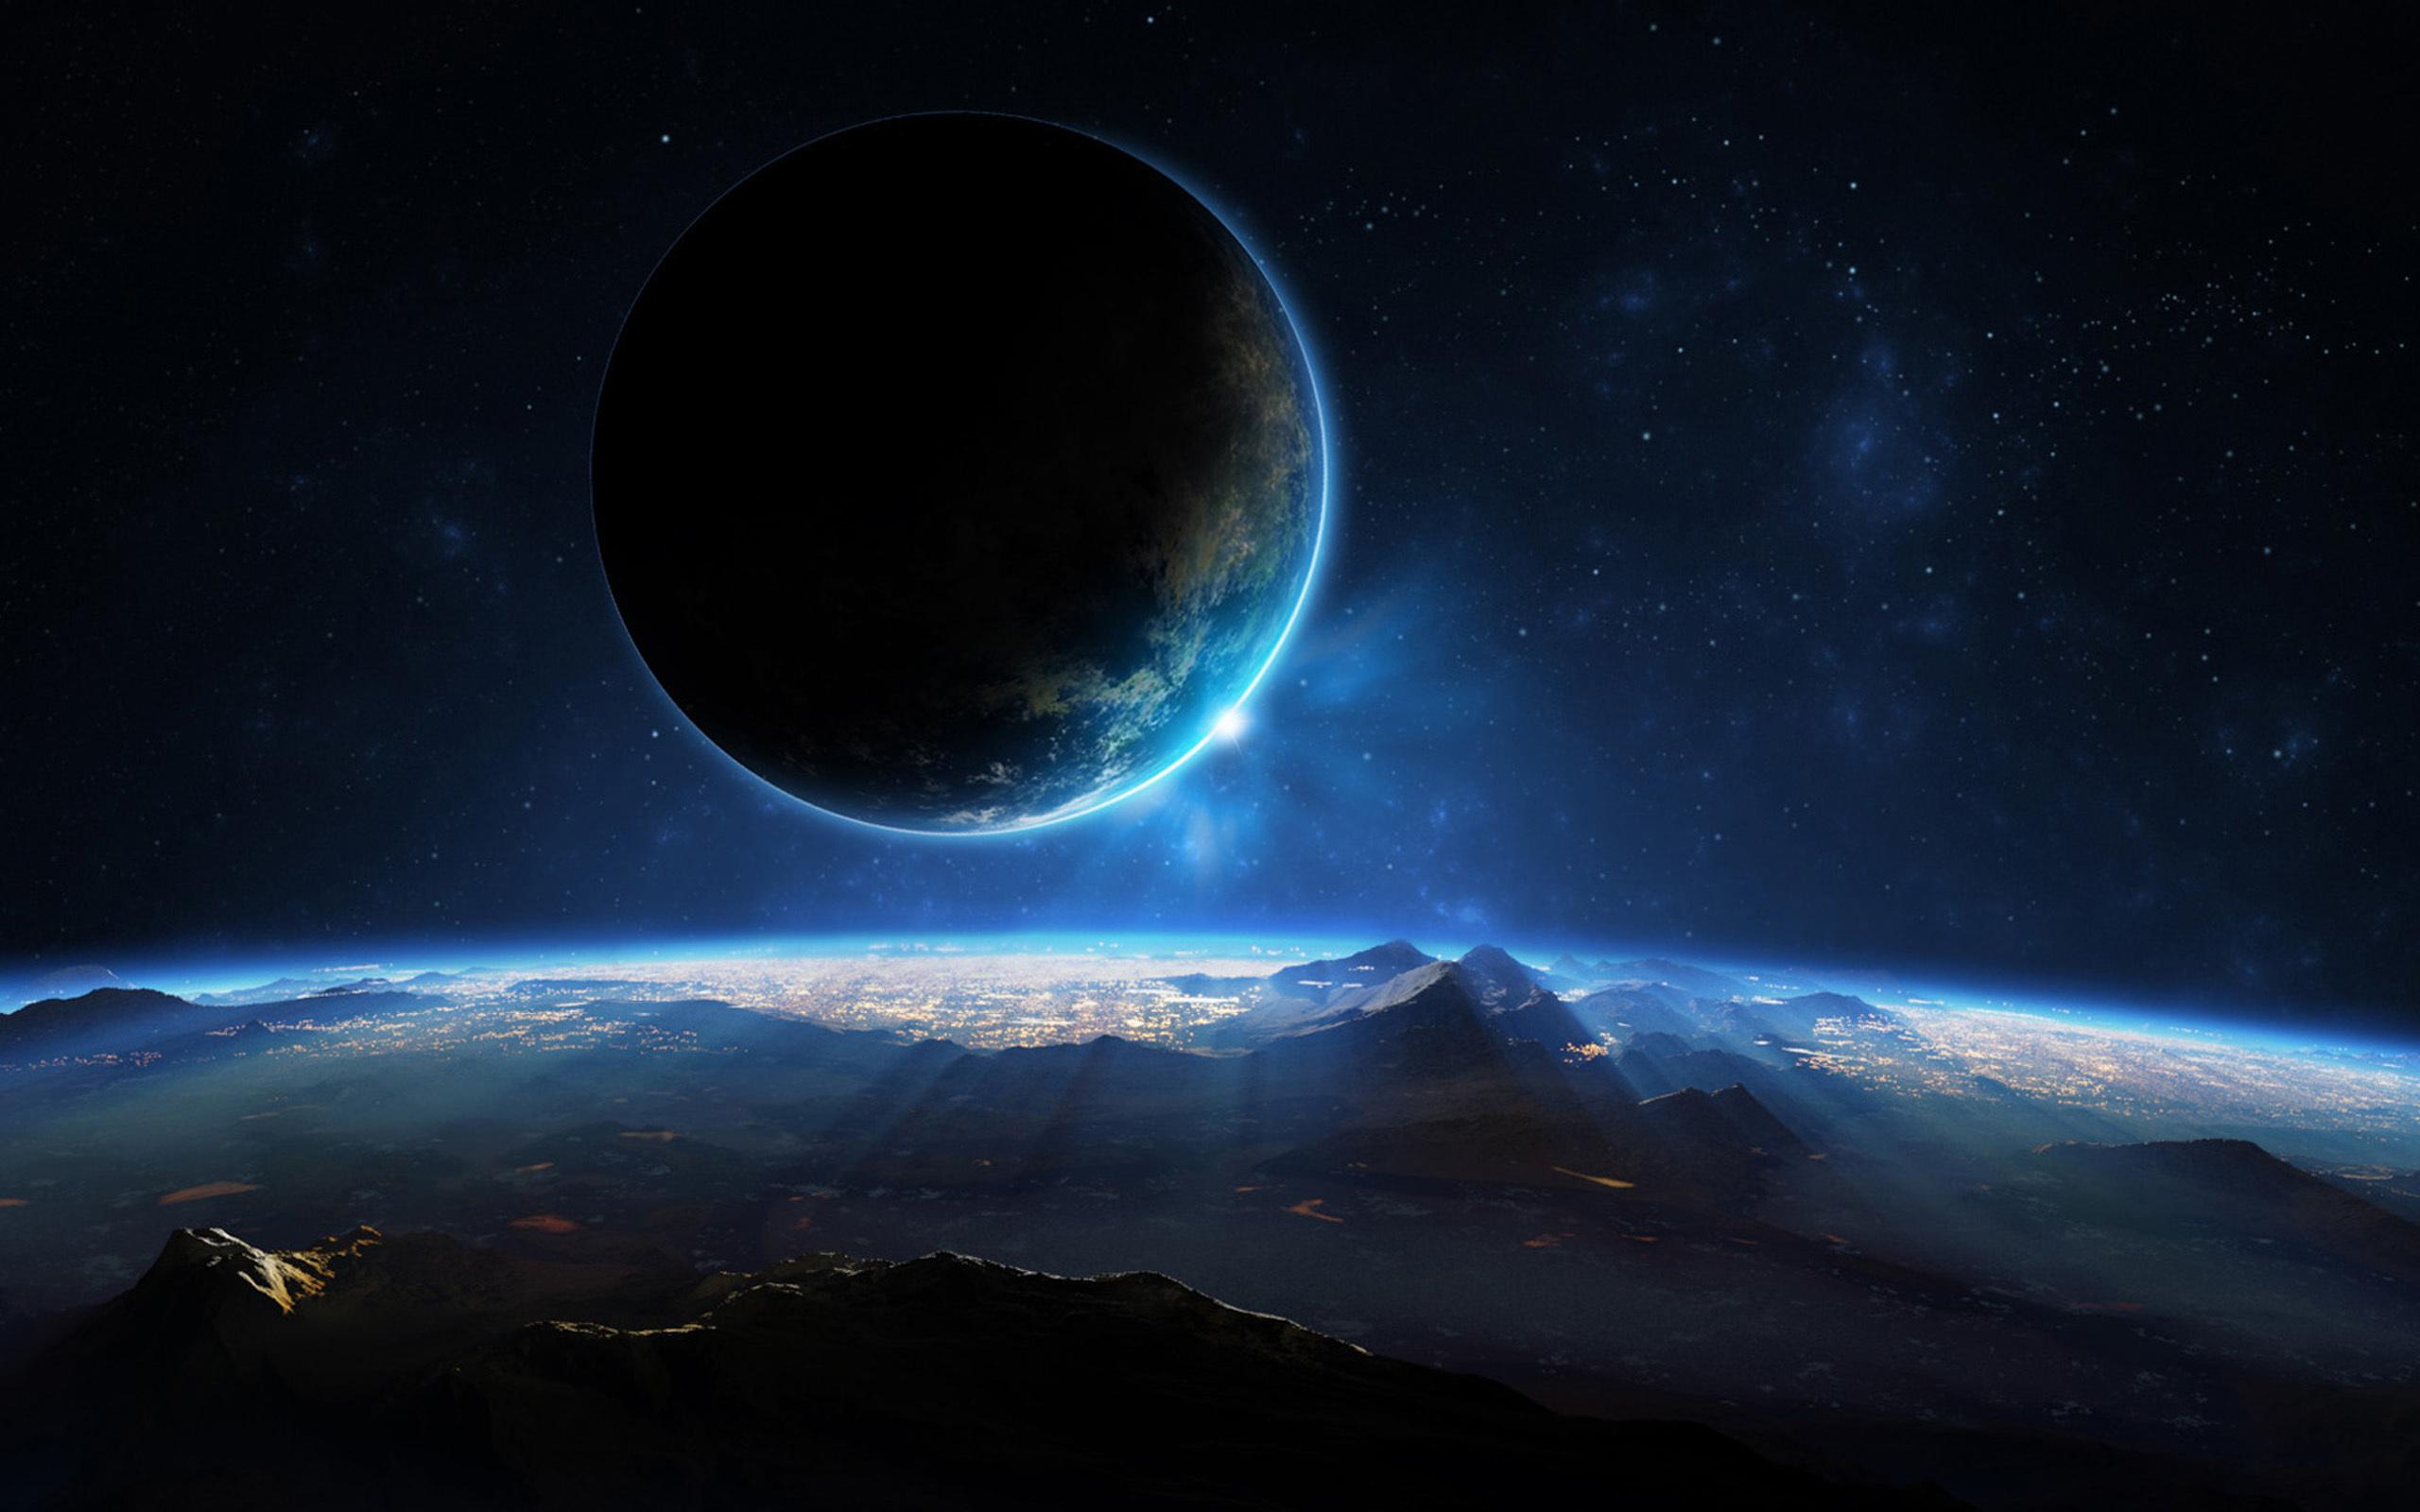 alien landscapes wallpaper - HD1920×1080